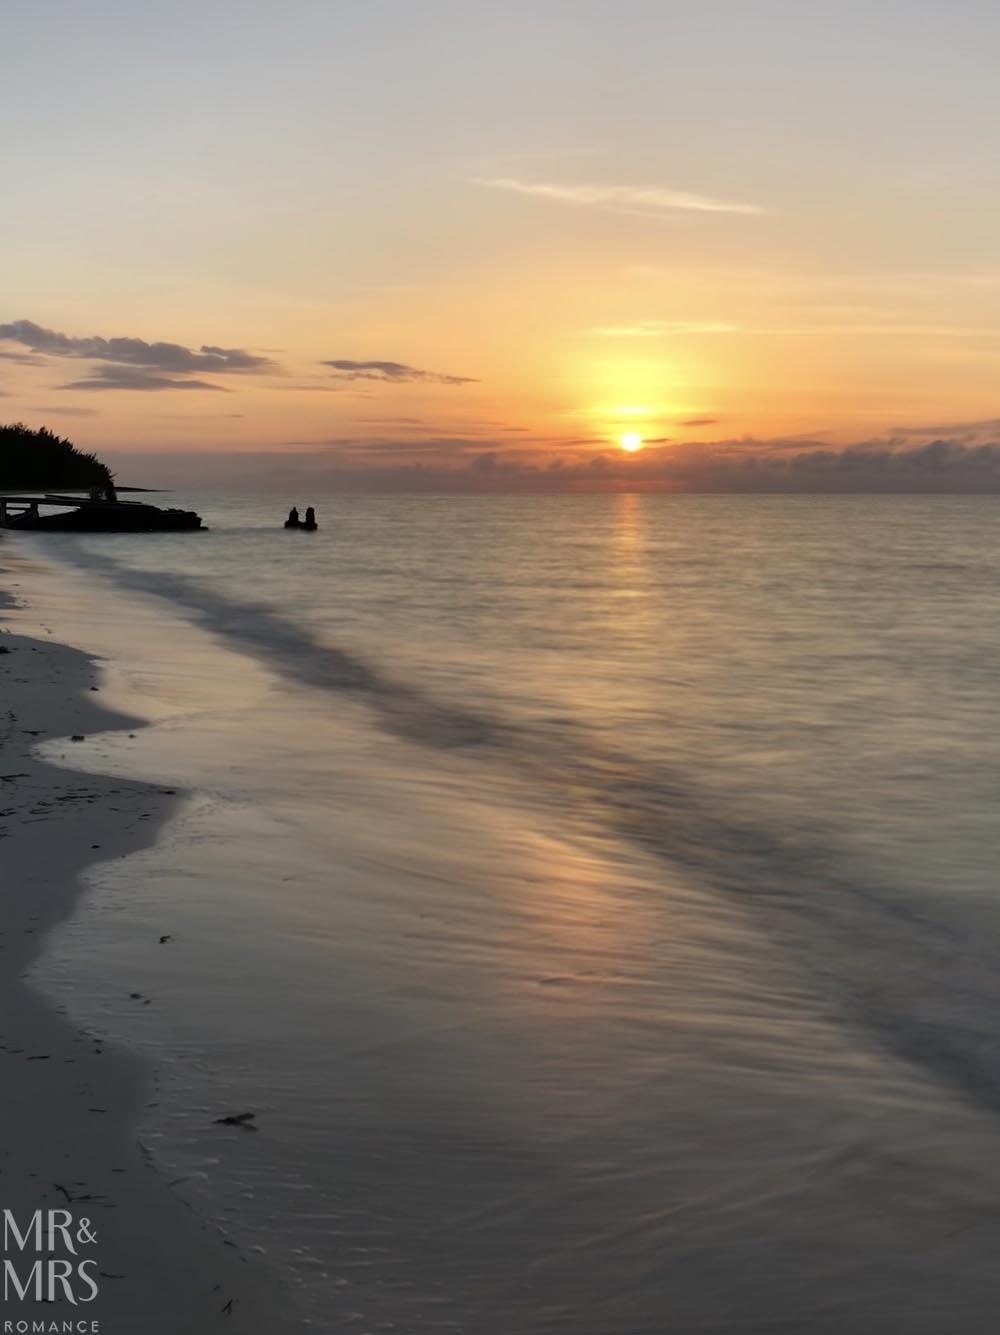 Cayo Levisa, Cuba at sunset